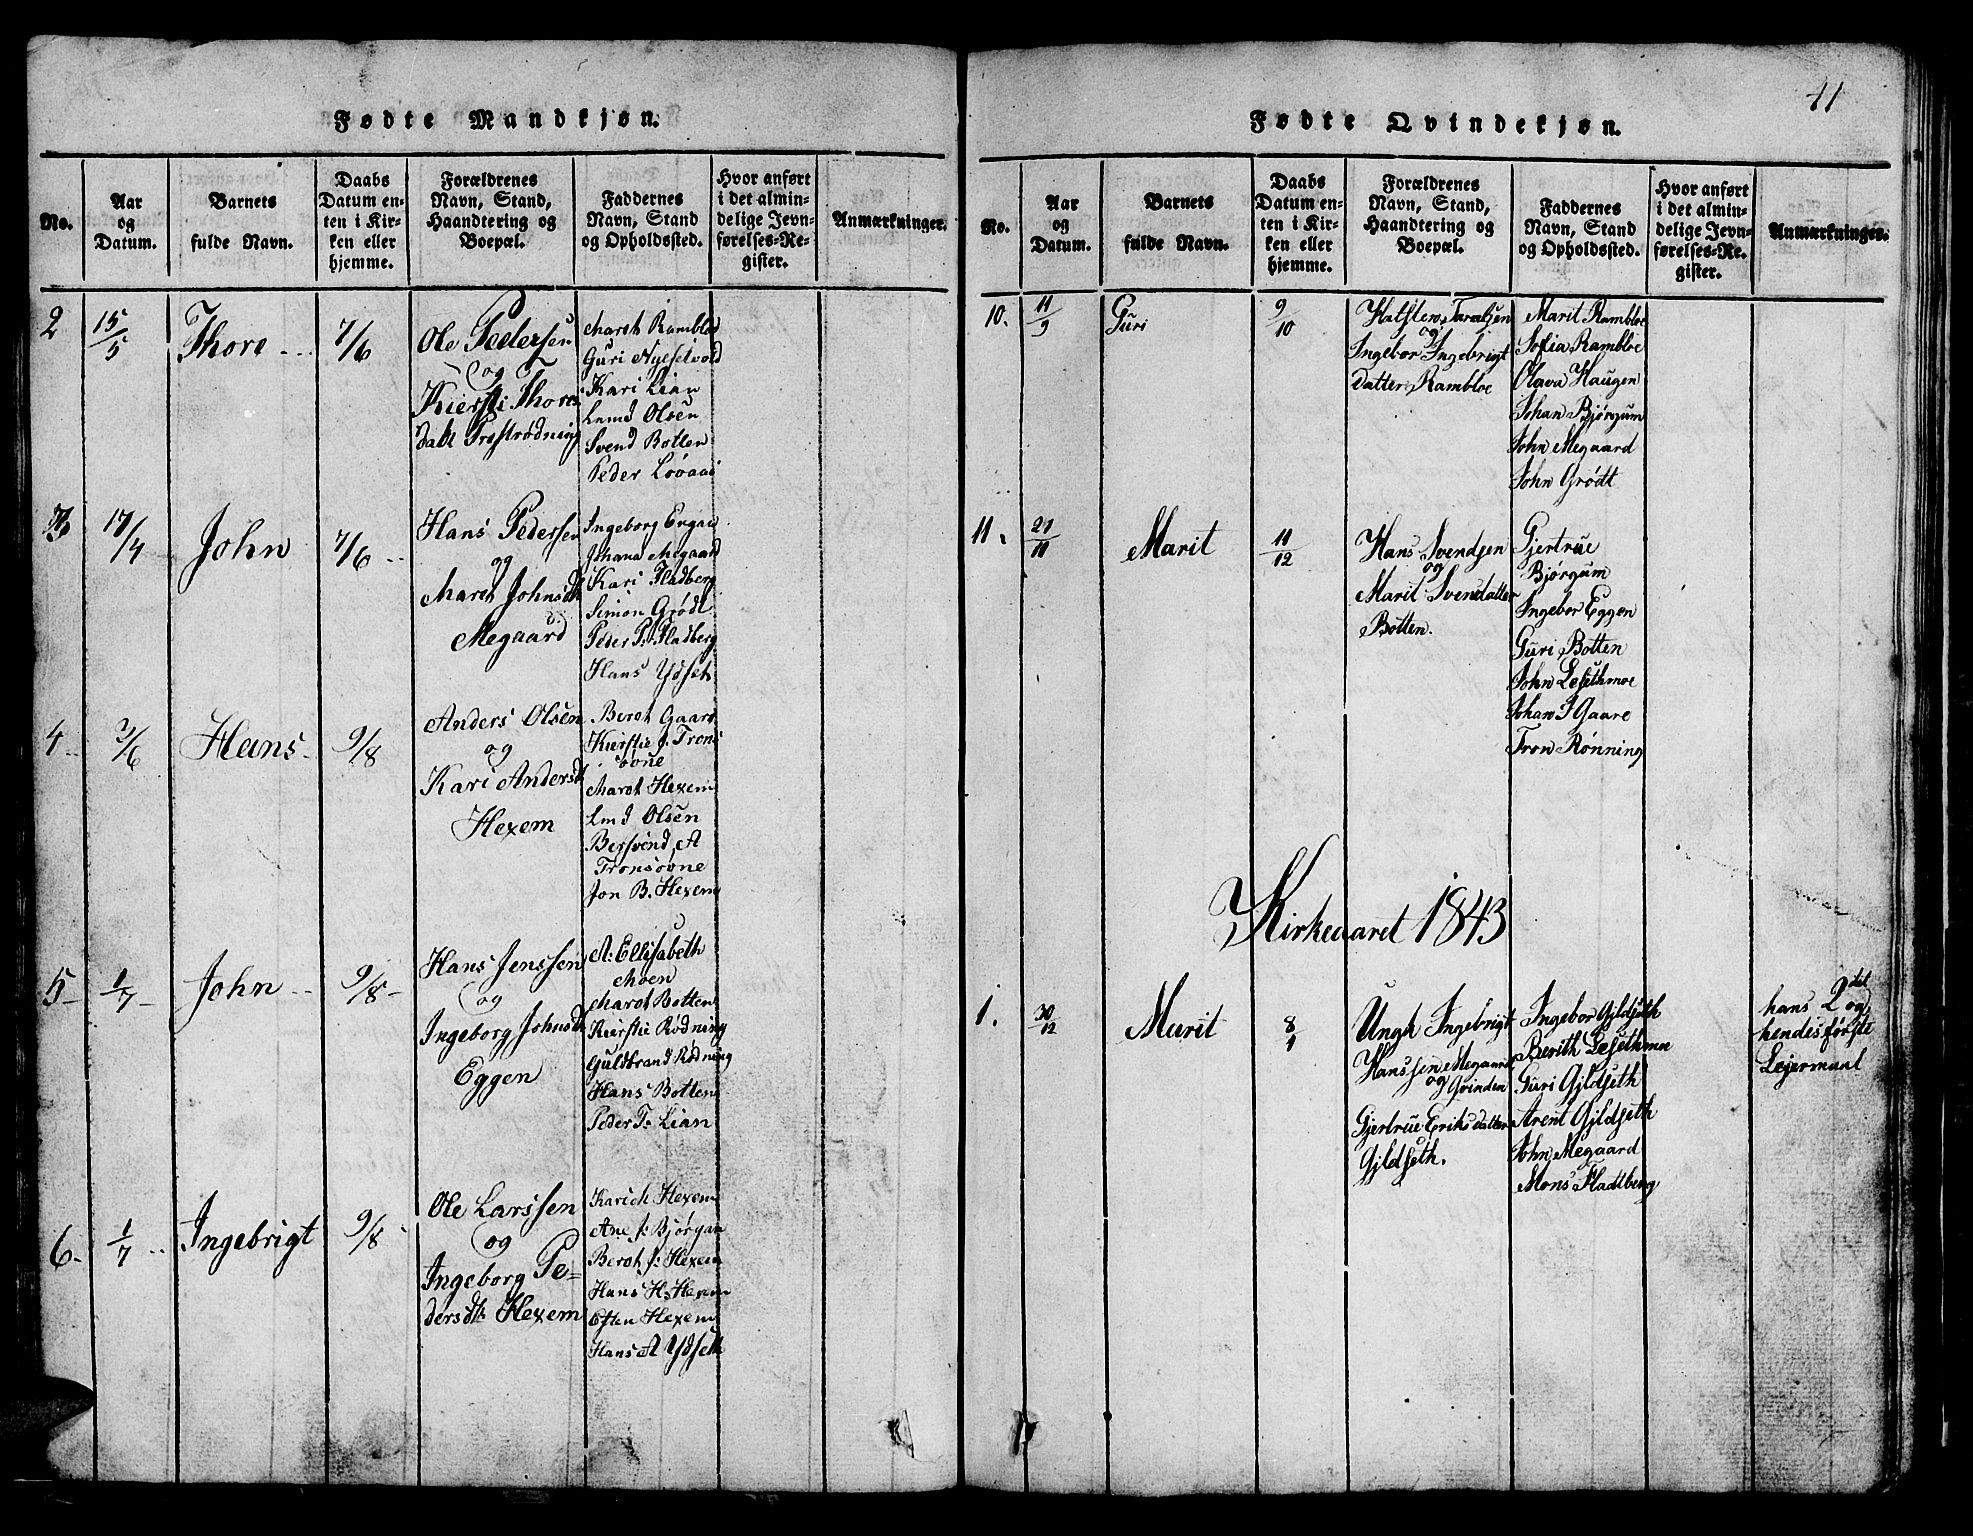 SAT, Ministerialprotokoller, klokkerbøker og fødselsregistre - Sør-Trøndelag, 685/L0976: Klokkerbok nr. 685C01, 1817-1878, s. 41